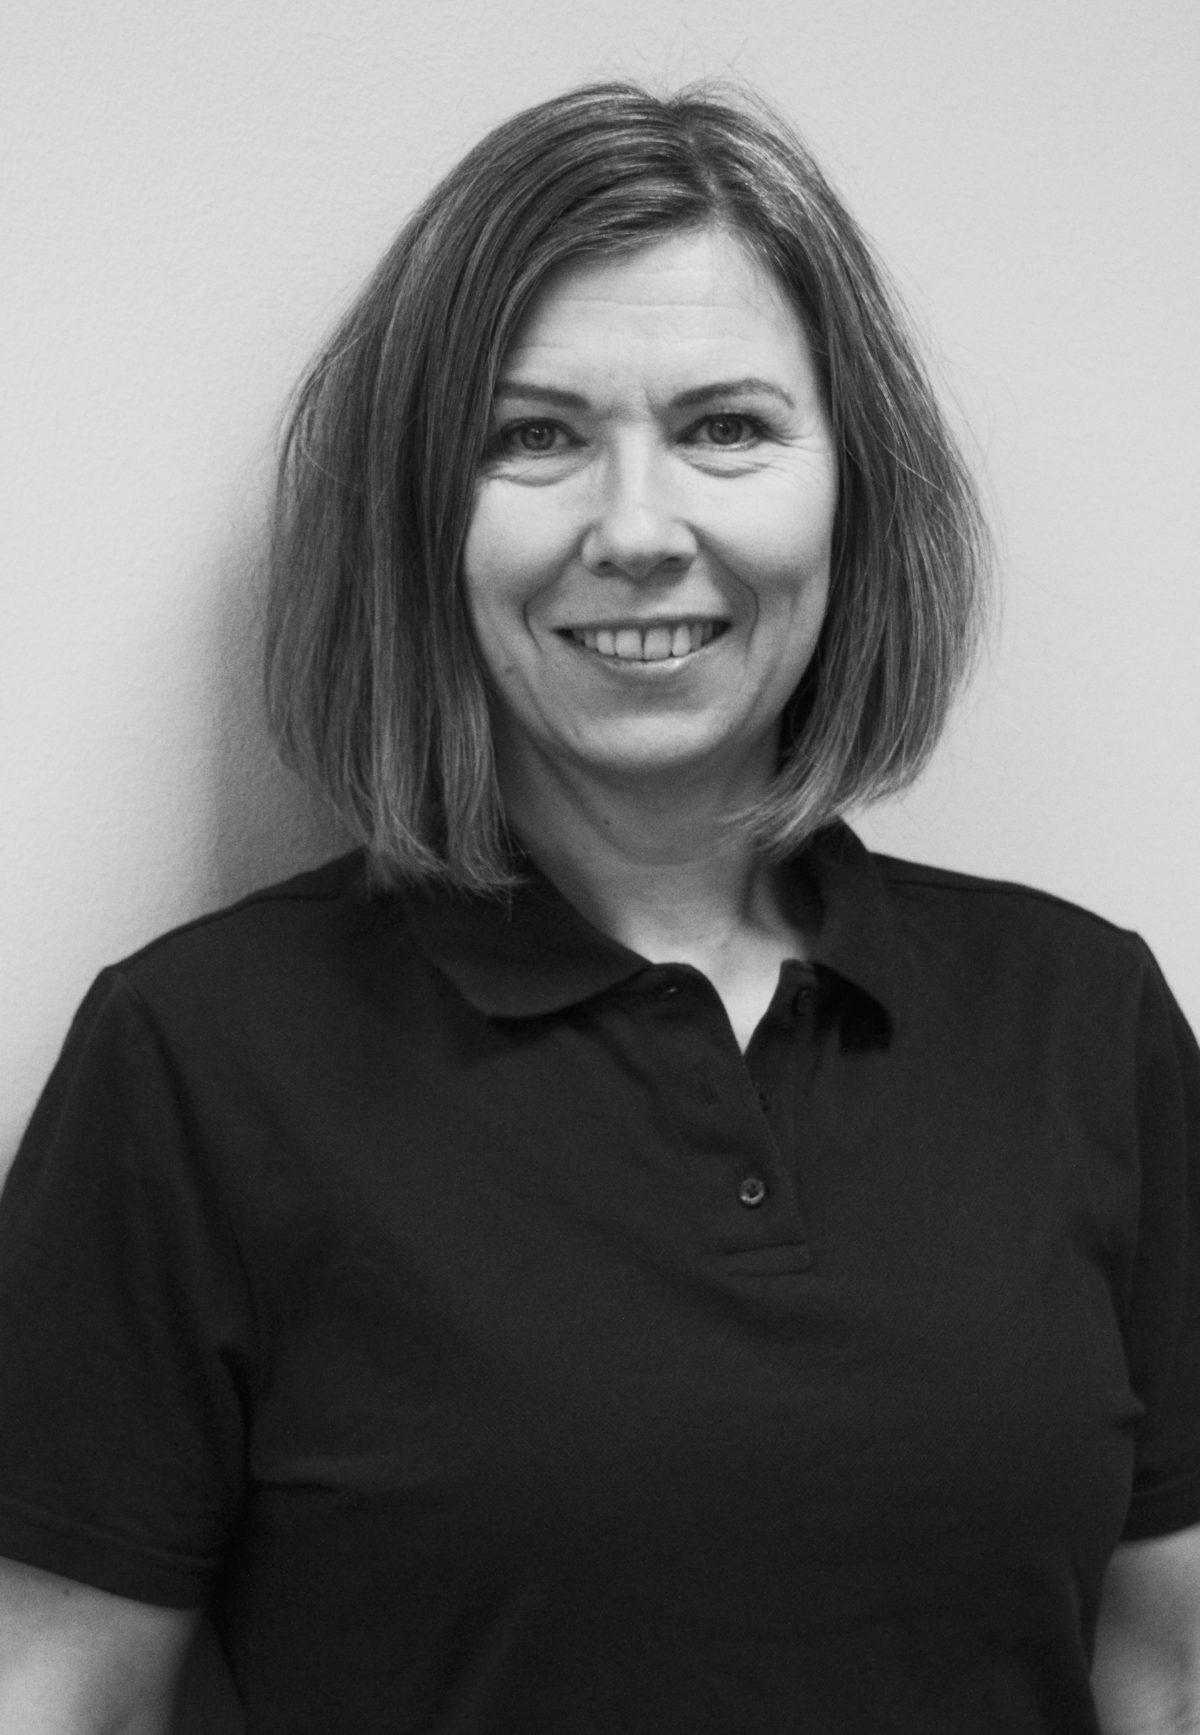 Josefin Öberg